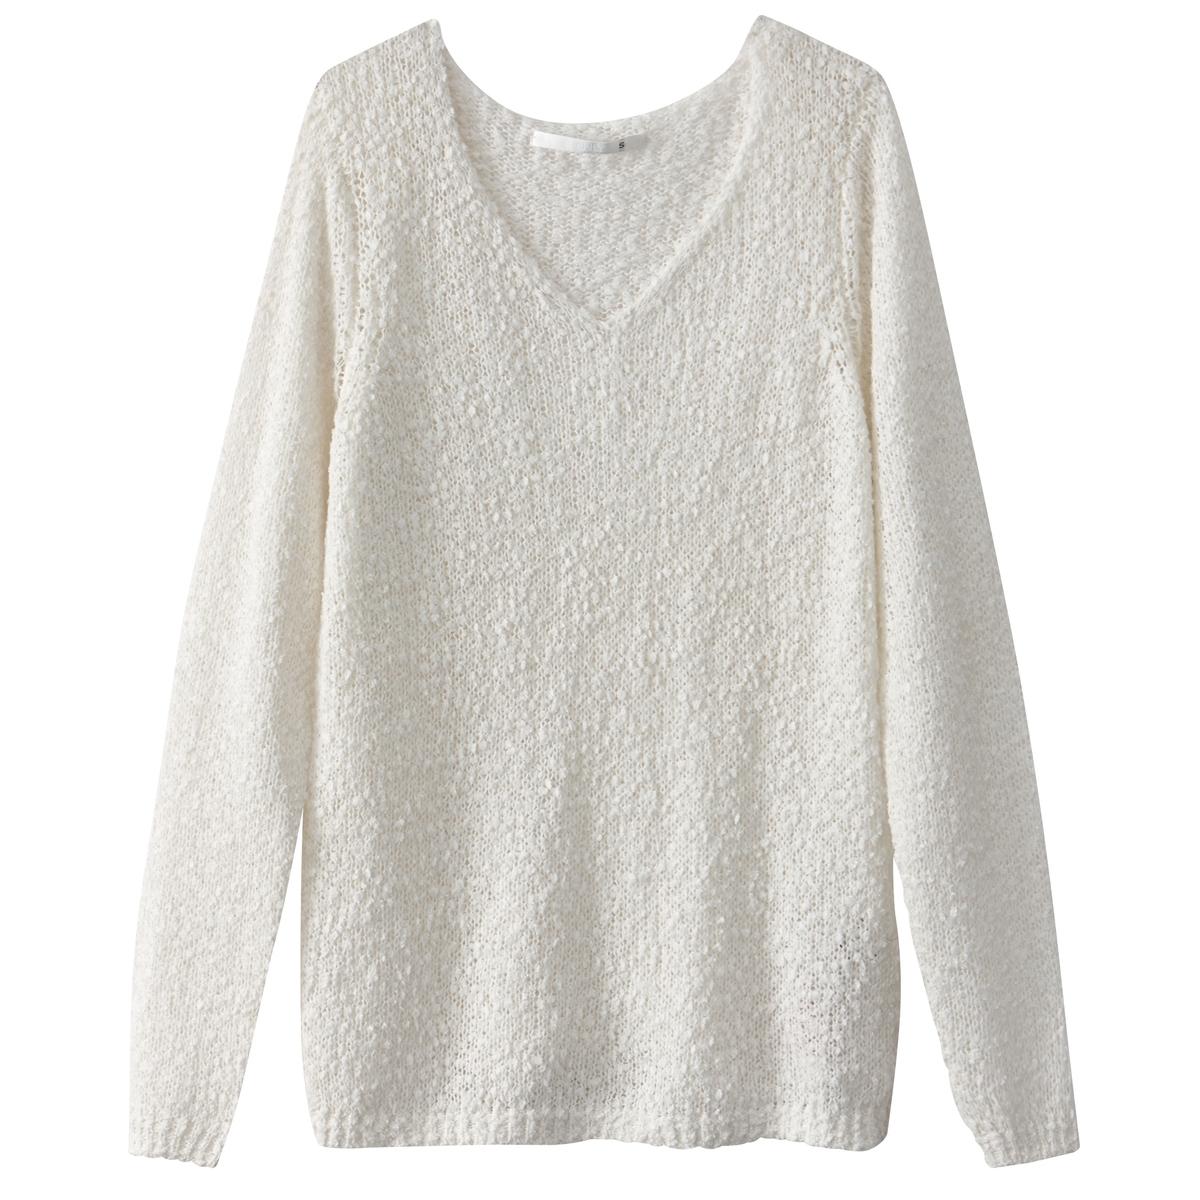 Пуловер с длинными рукавамиДетали   •  Пуловер классический •  Длинные рукава •  Круглый вырез •  Тонкий трикотажСостав и уход   •  80% акрила, 20% полиамида  •  Следуйте рекомендациям по уходу, указанным на этикетке изделия<br><br>Цвет: белый<br>Размер: M